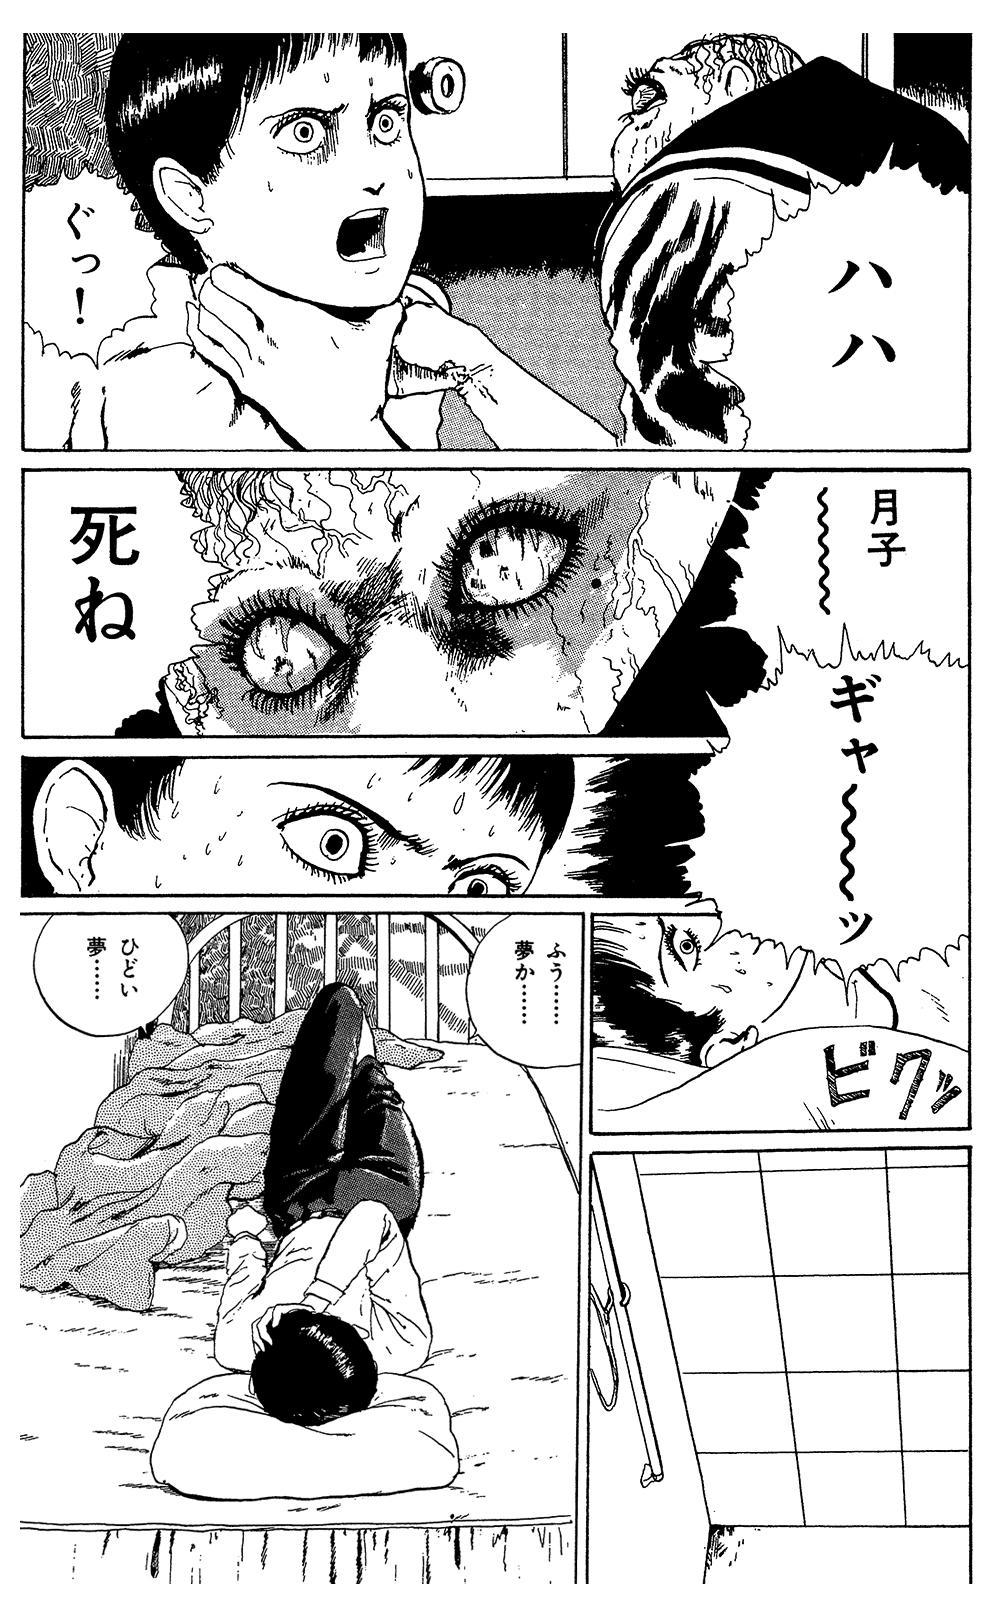 伊藤潤二傑作集 第5話「富江 接吻」①junji15-03.jpg